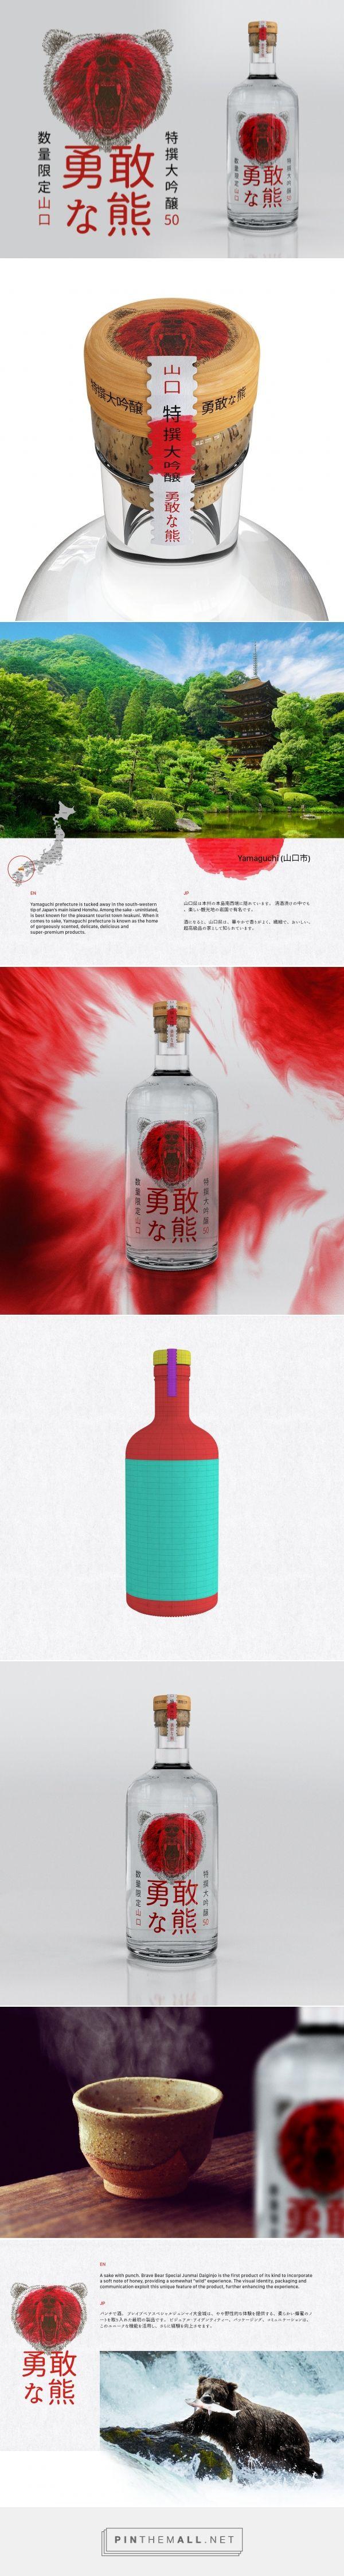 Brave Bear Sake packaging design by Rafael Maia - http://www.packagingoftheworld.com/2018/01/brave-bear-sake.html